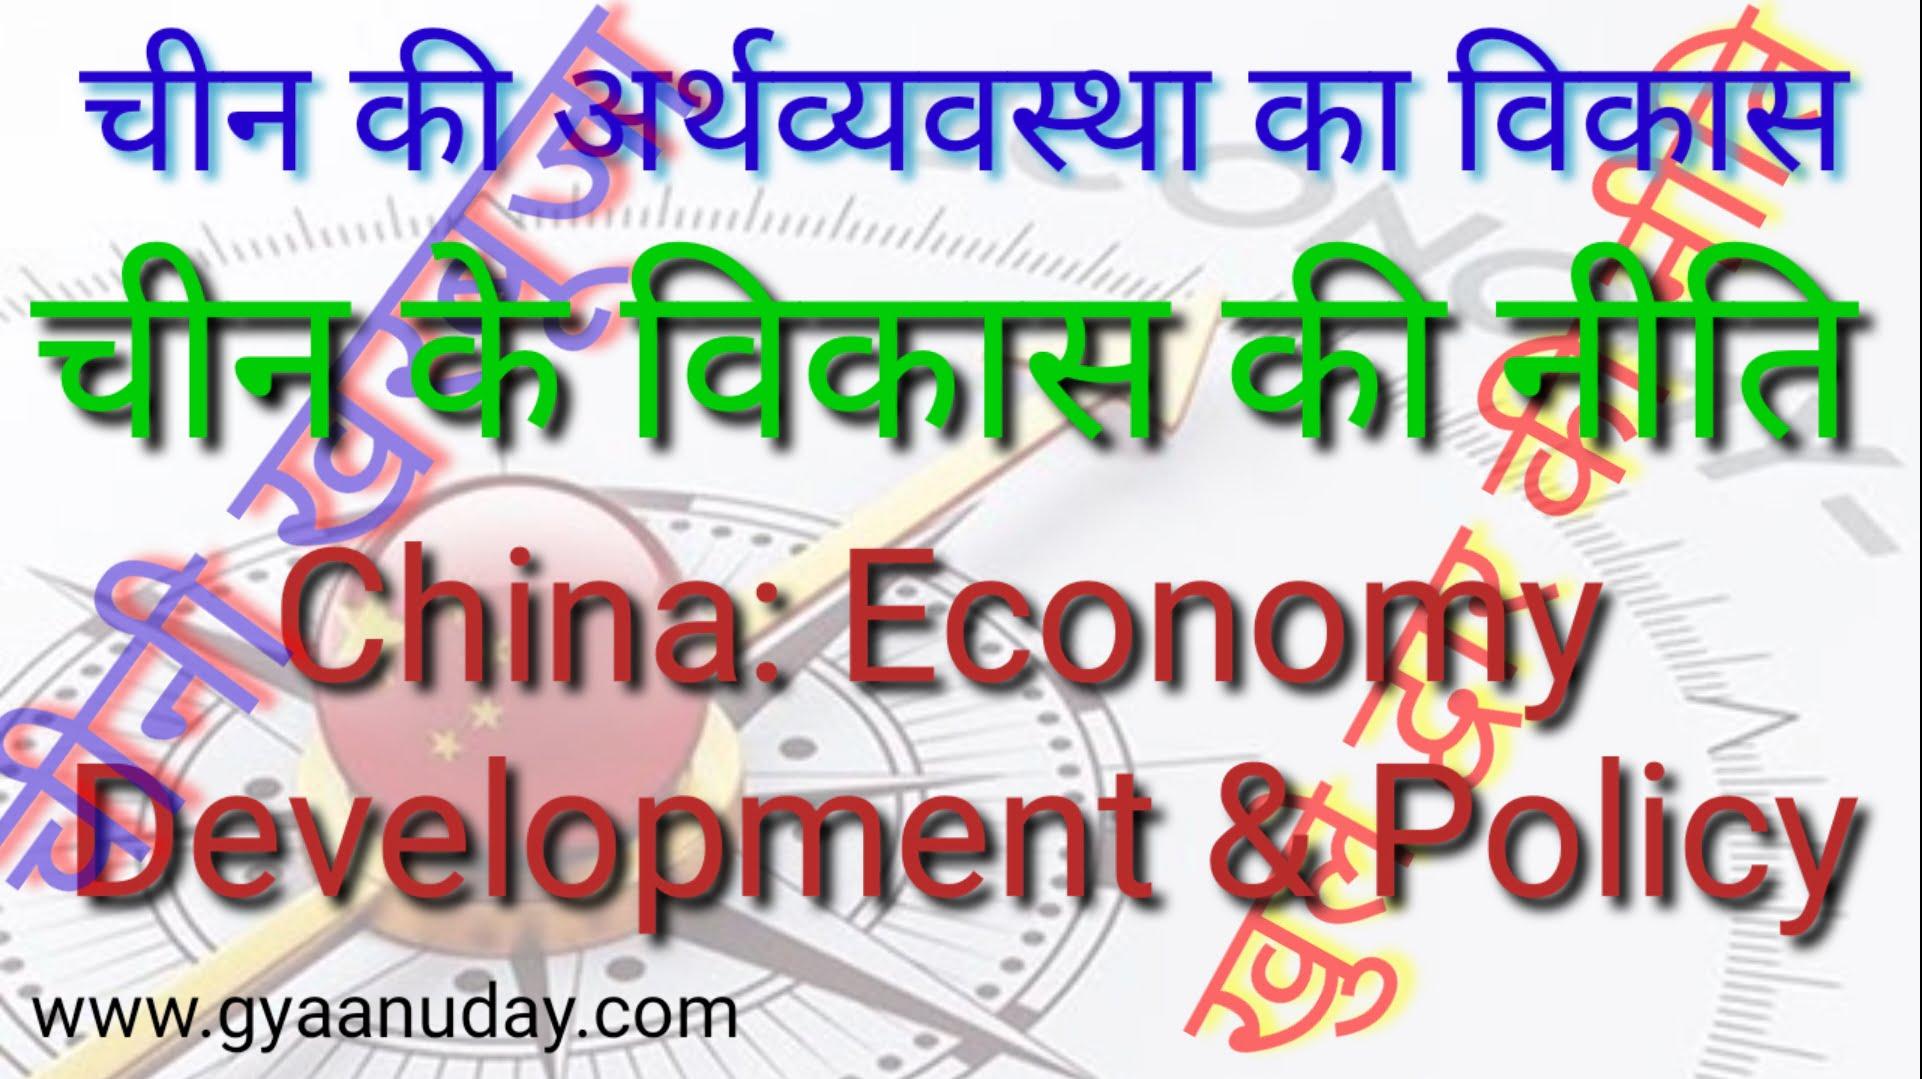 चीनी अर्थव्यवस्था के विकास की नीतियां